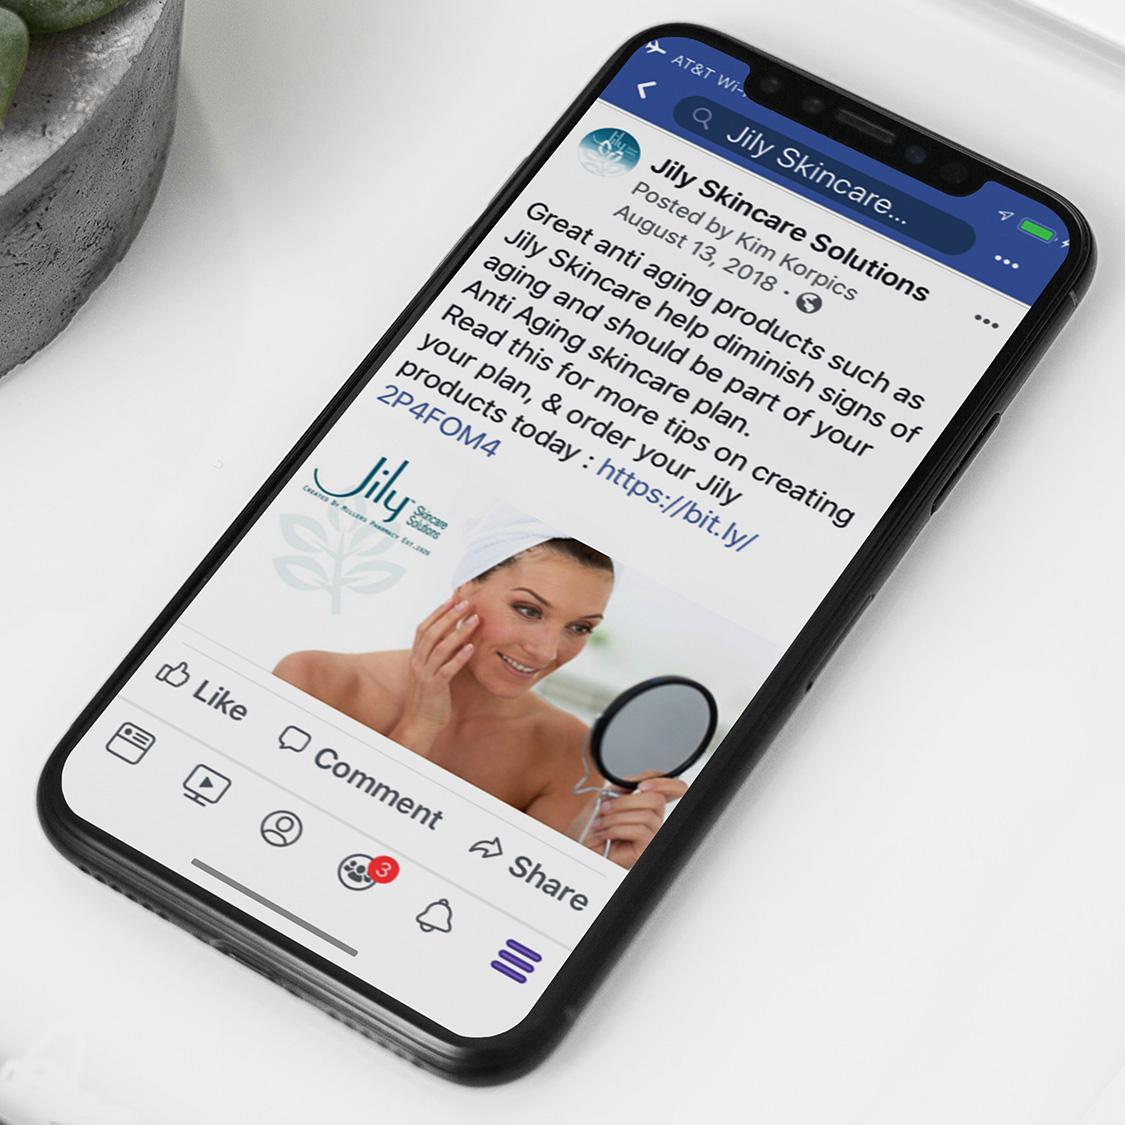 Jily Skincare Social Media